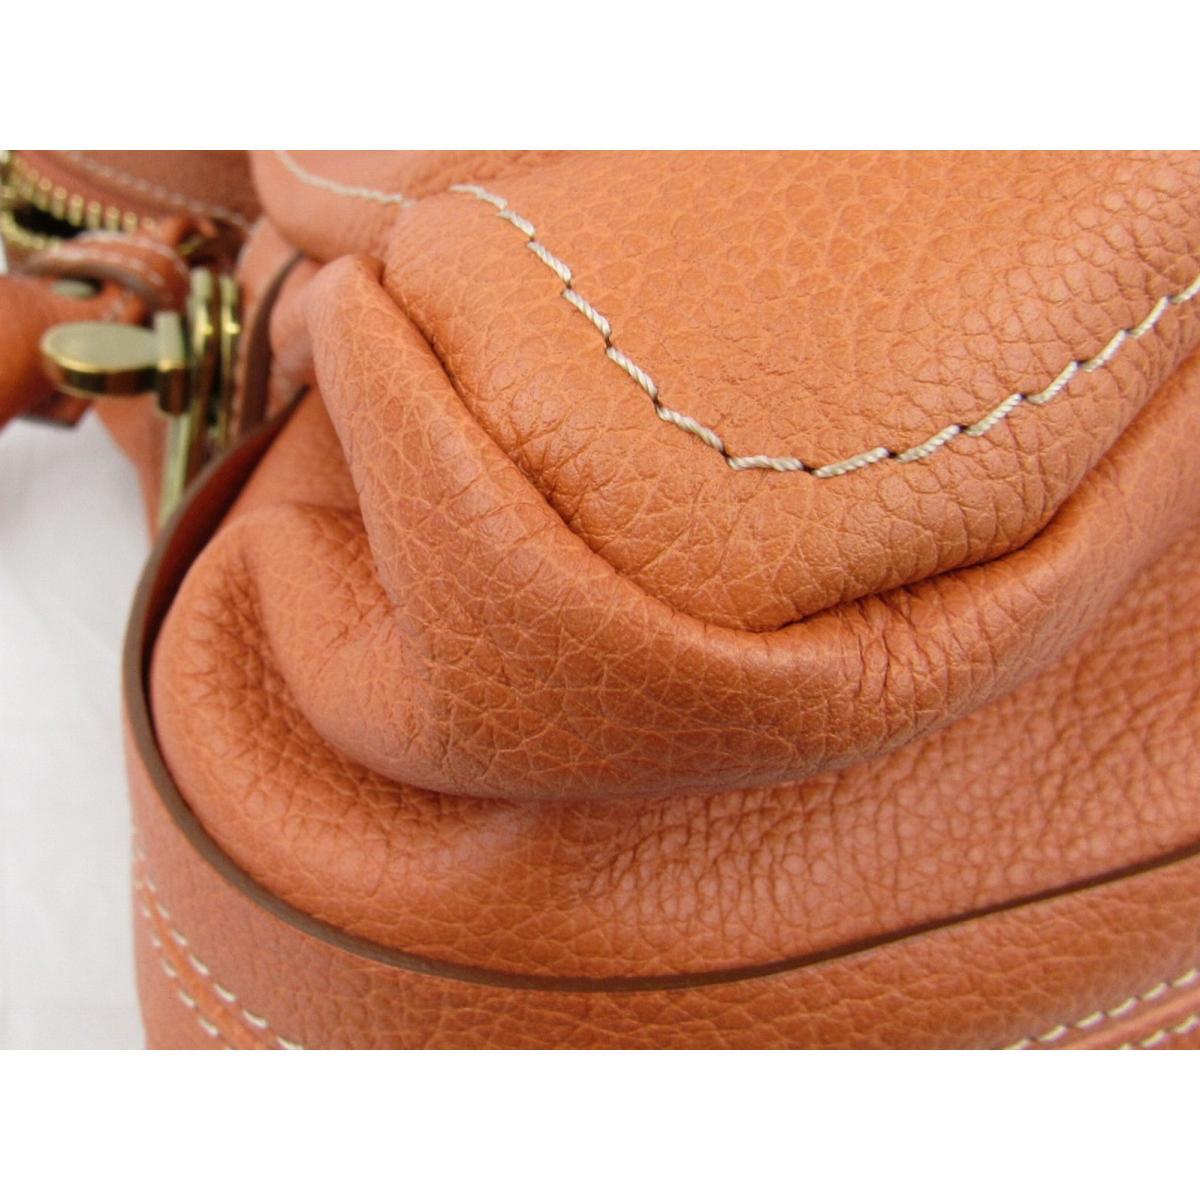 7a7dd5a03f55 ... Auth Chloe Paraty 2way 單肩包bag leather 橙色Used Vintage | BRANDOFF 柏歐 ...